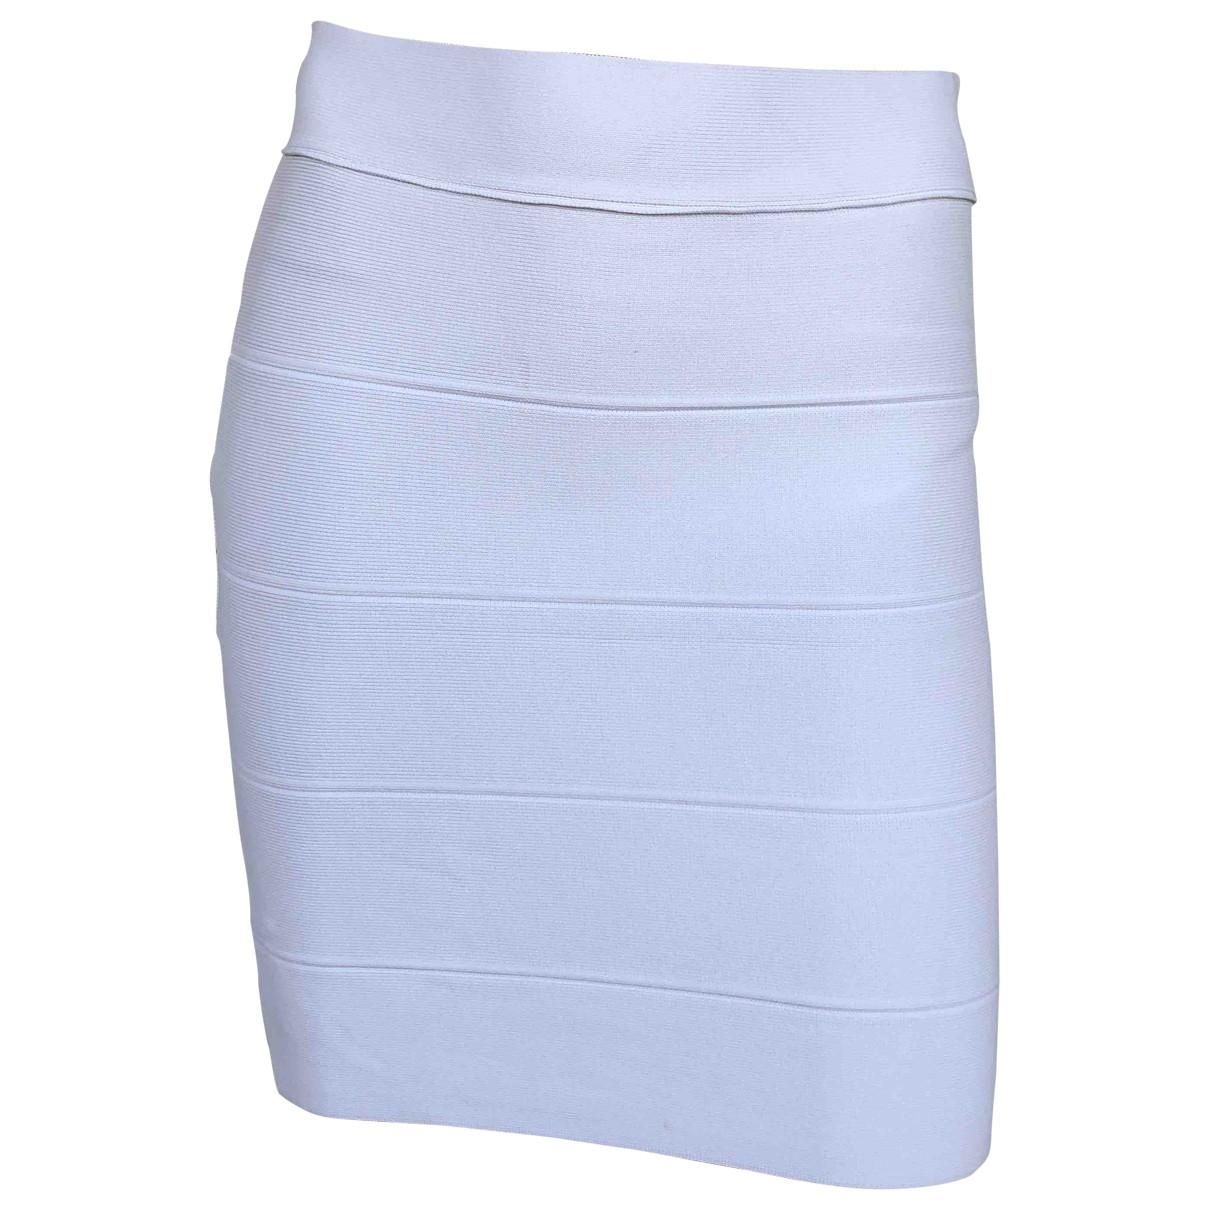 Bcbg Max Azria \N White skirt for Women M International